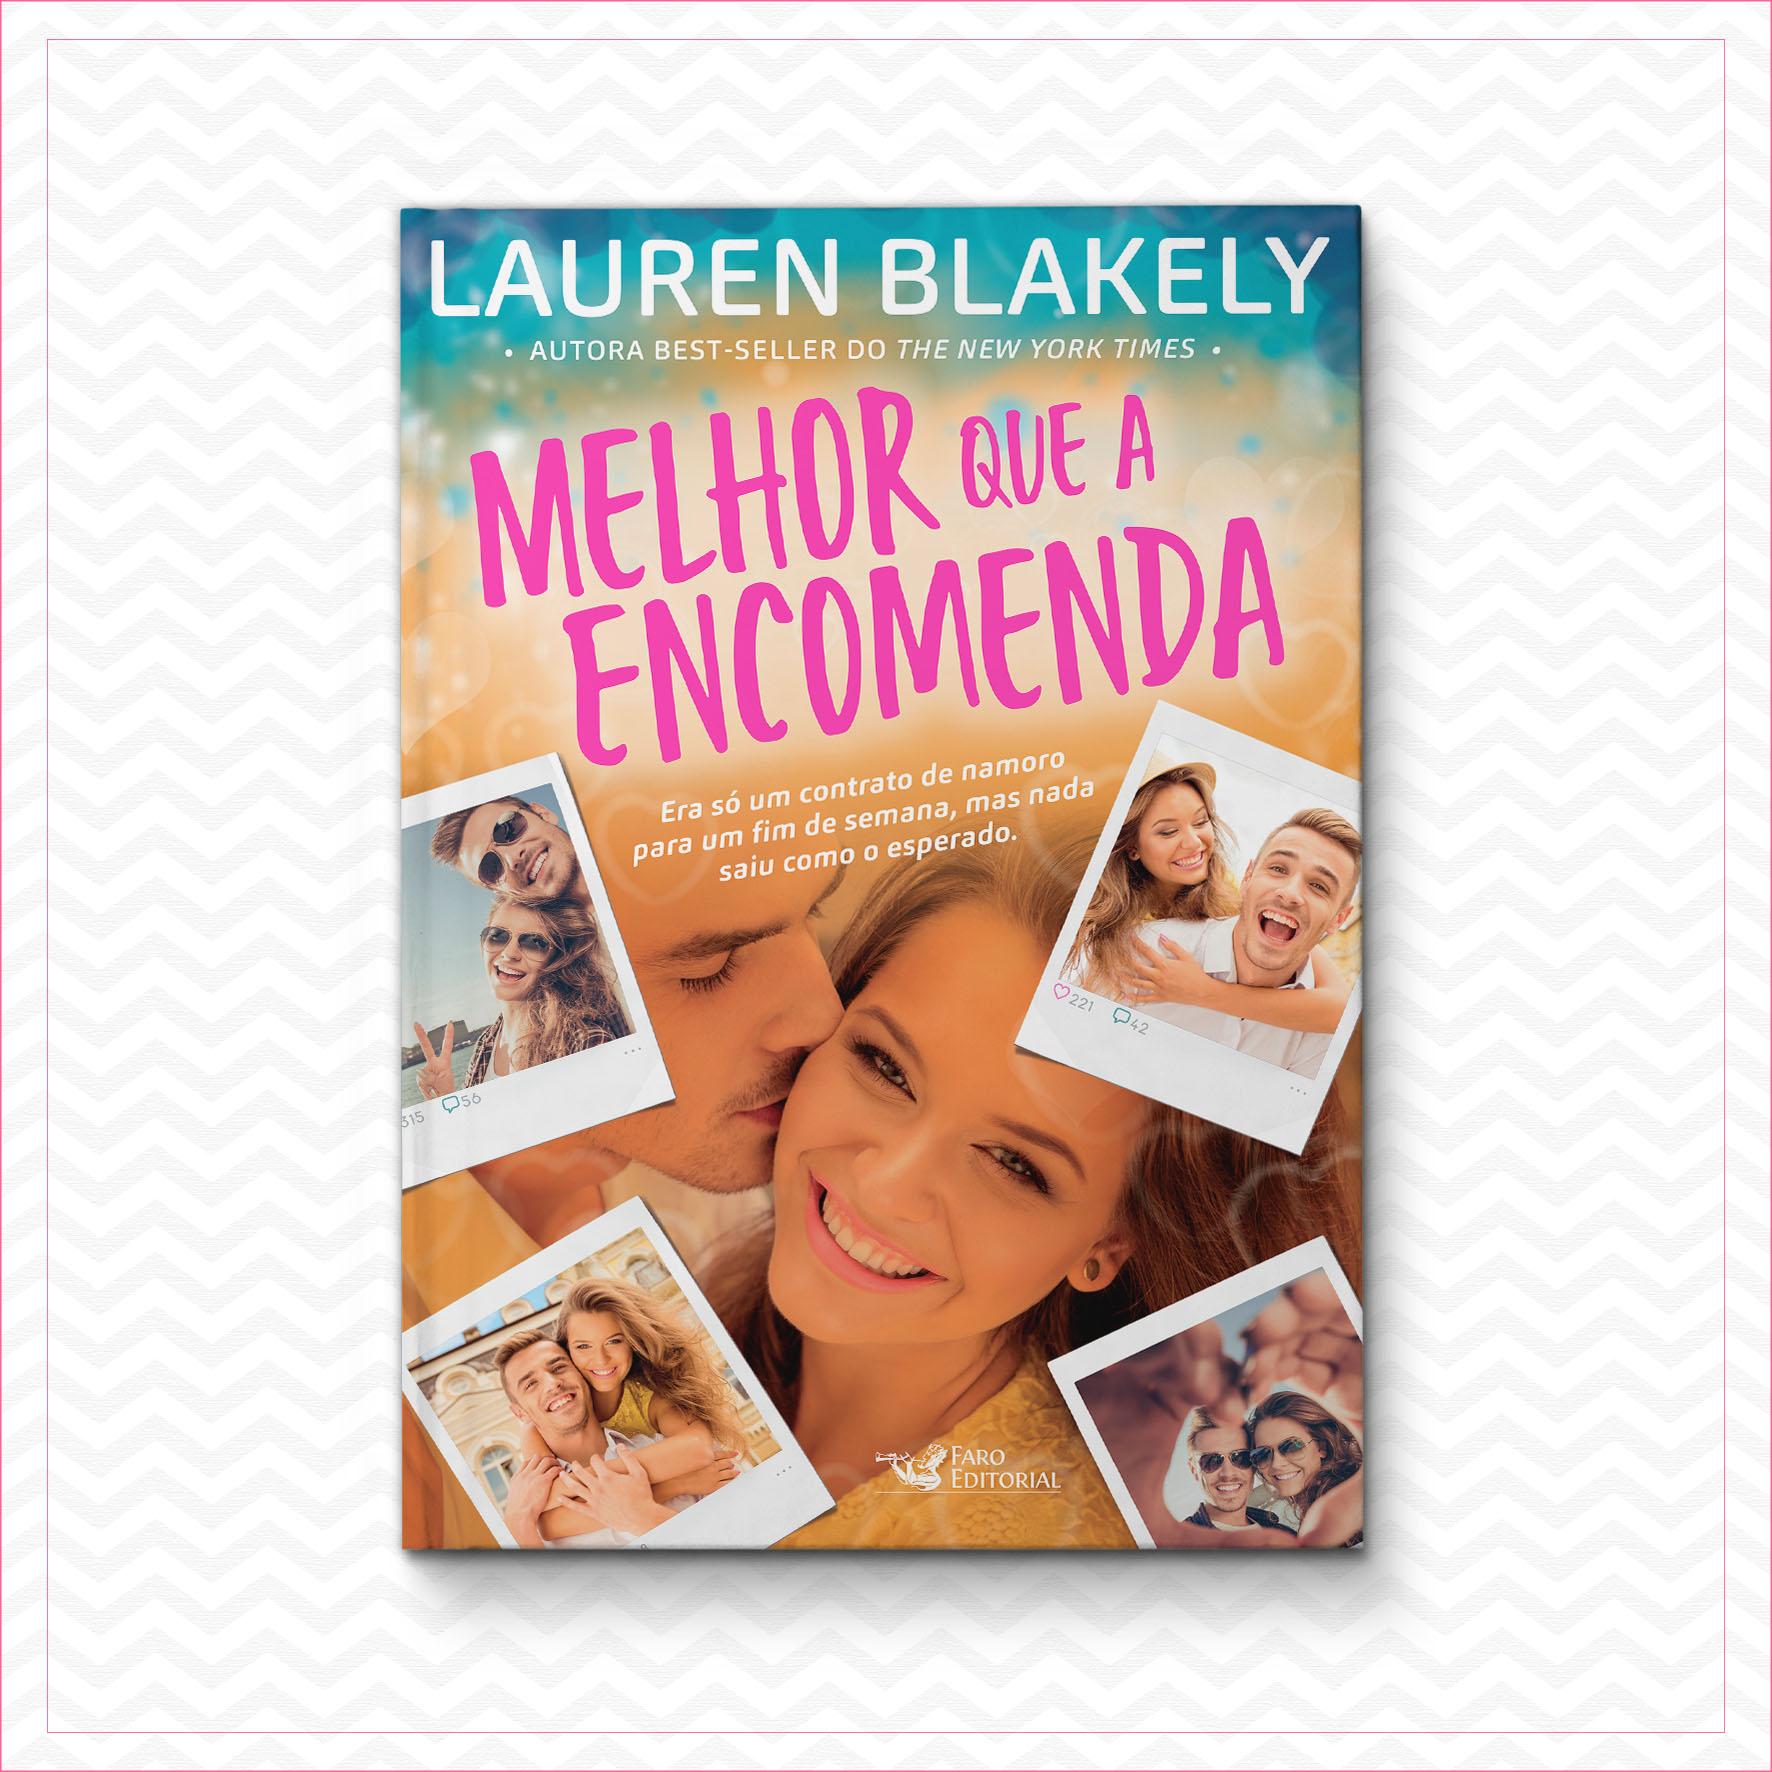 Melhor que a encomenda – Lauren Blakely